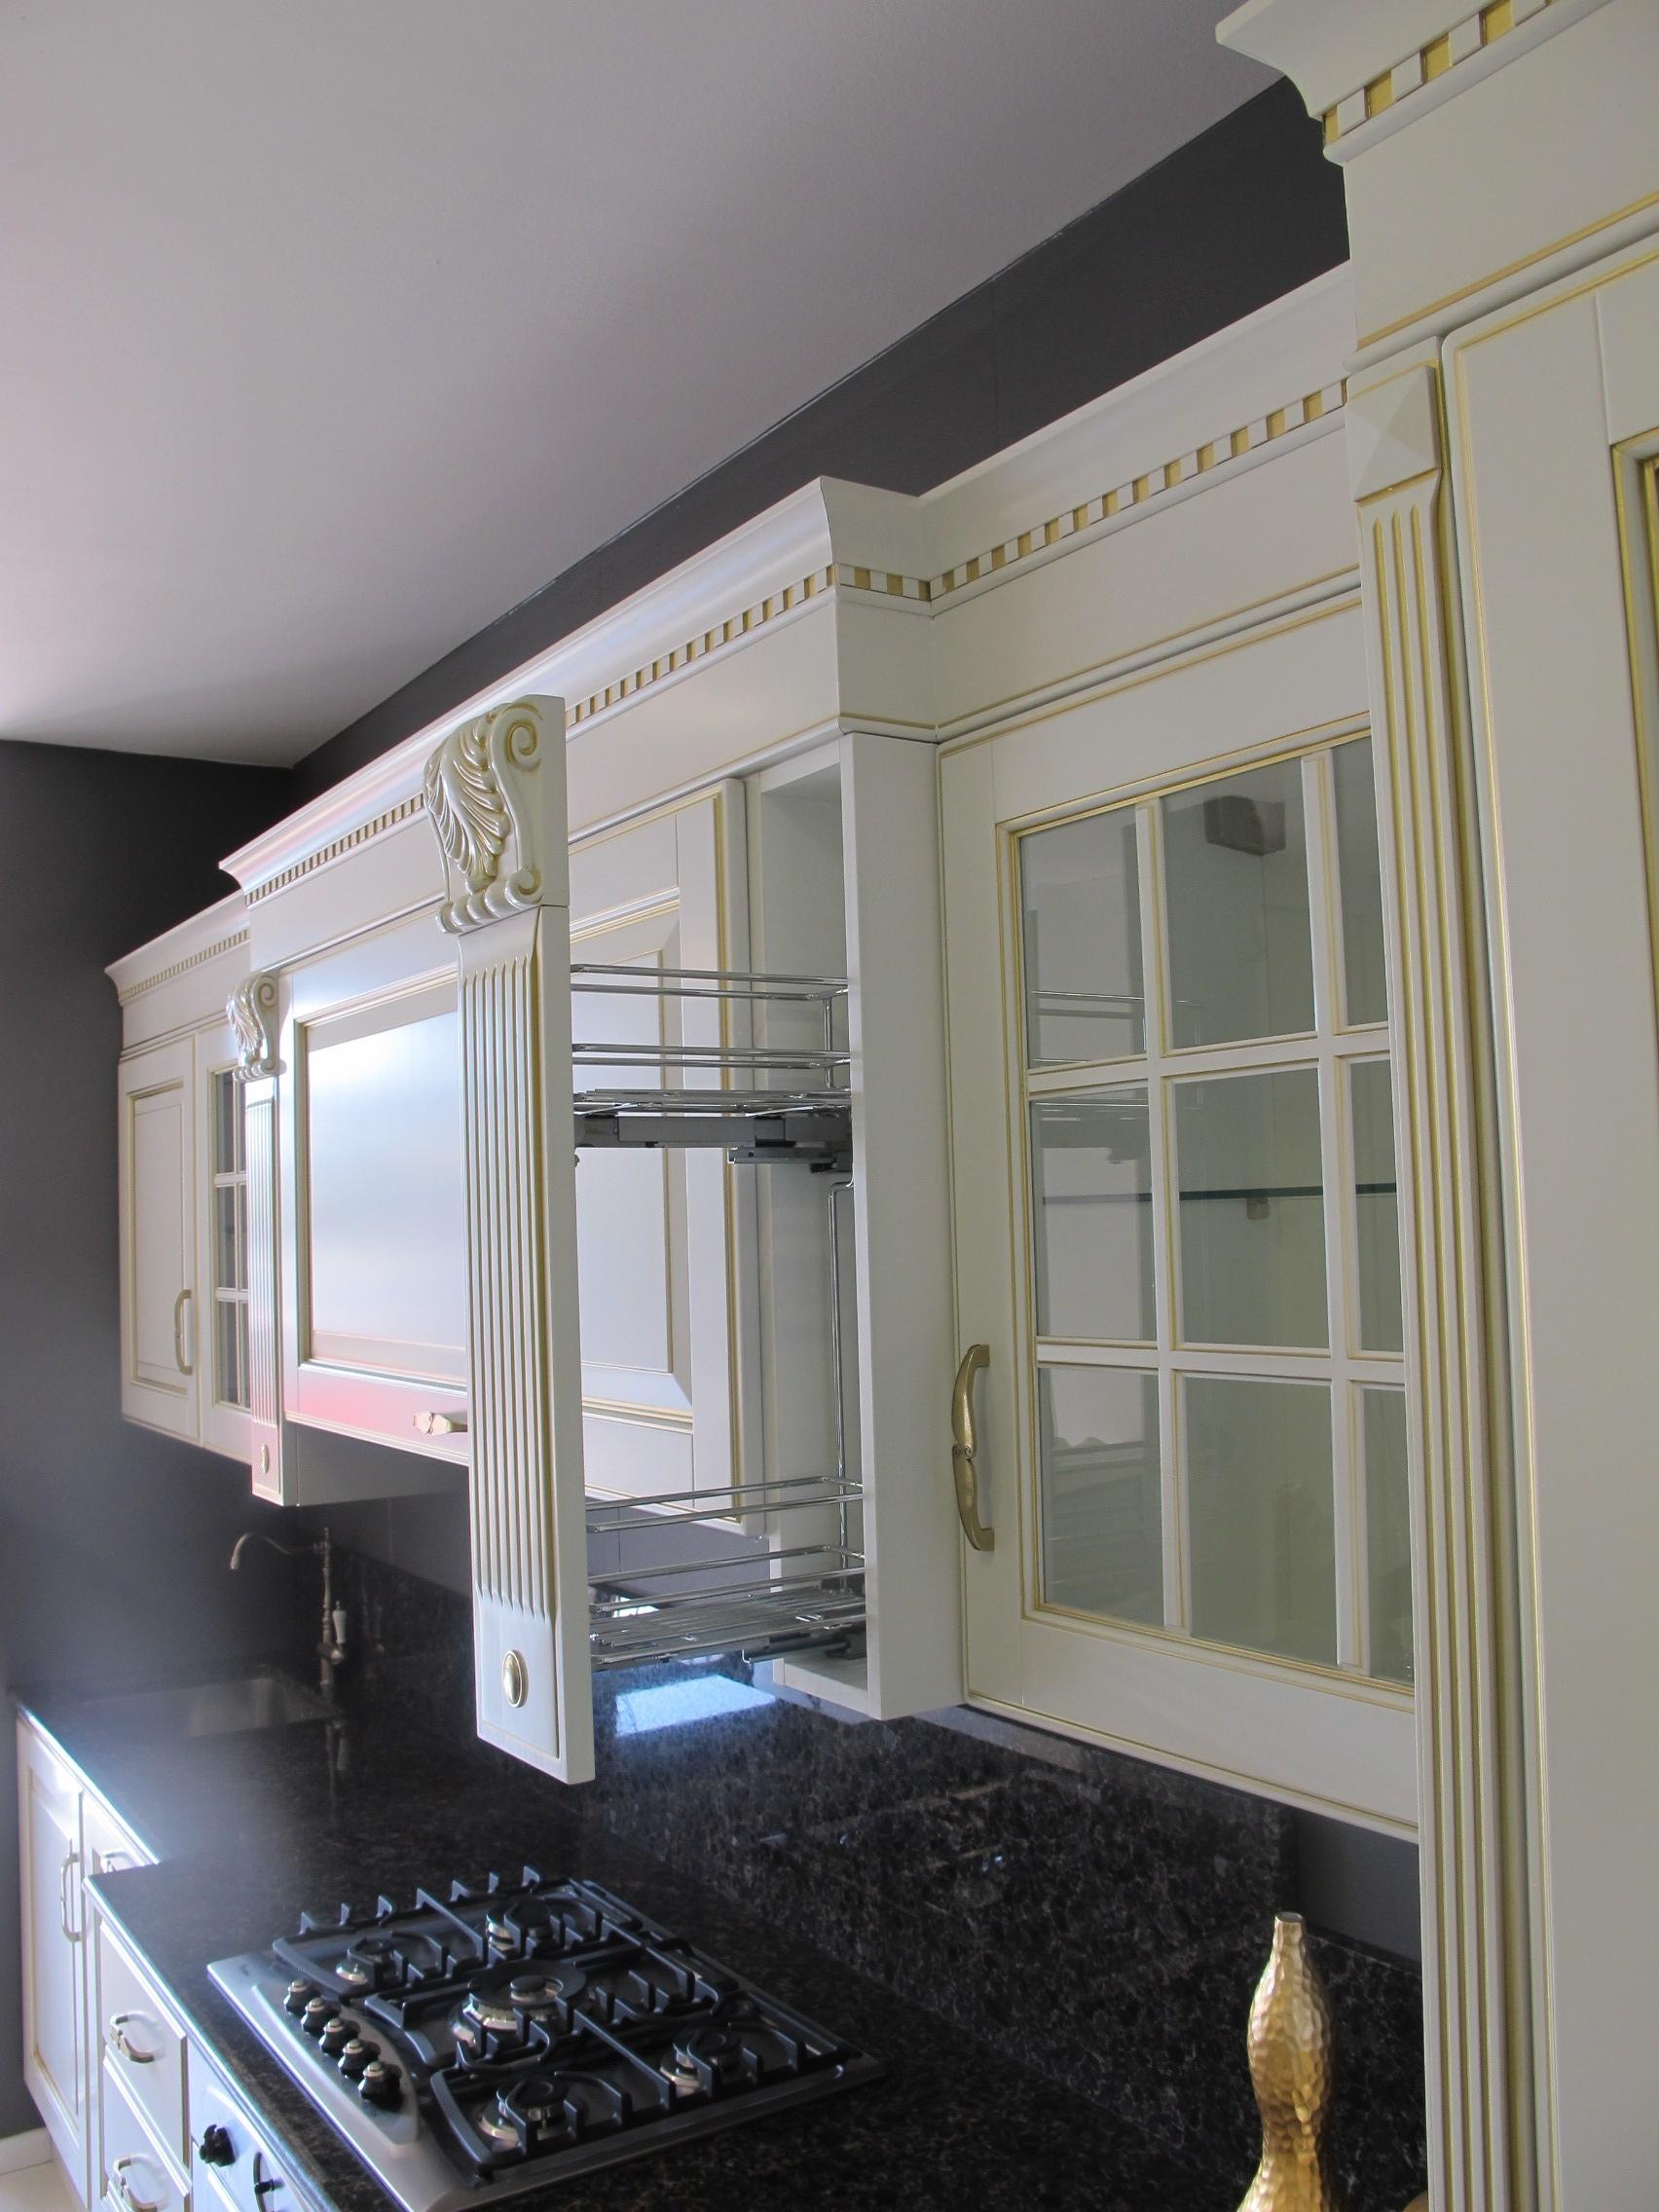 Scavolini cucina baltimora classica laccata opaco bianco - Cucina scavolini classica ...